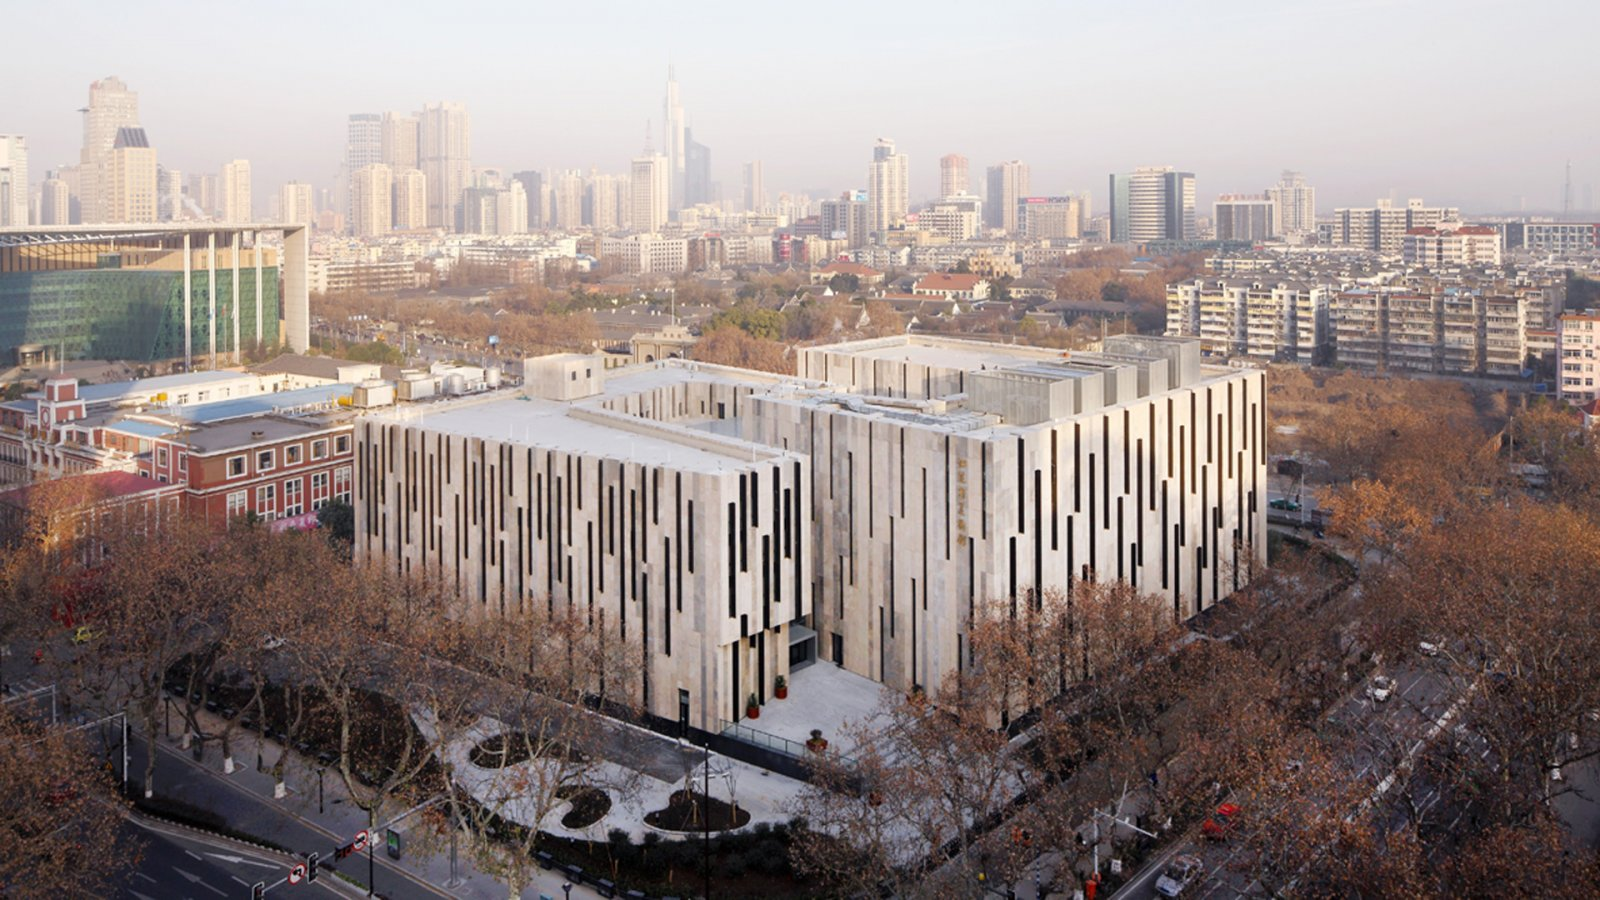 Jiangsu Provincal Art Museum